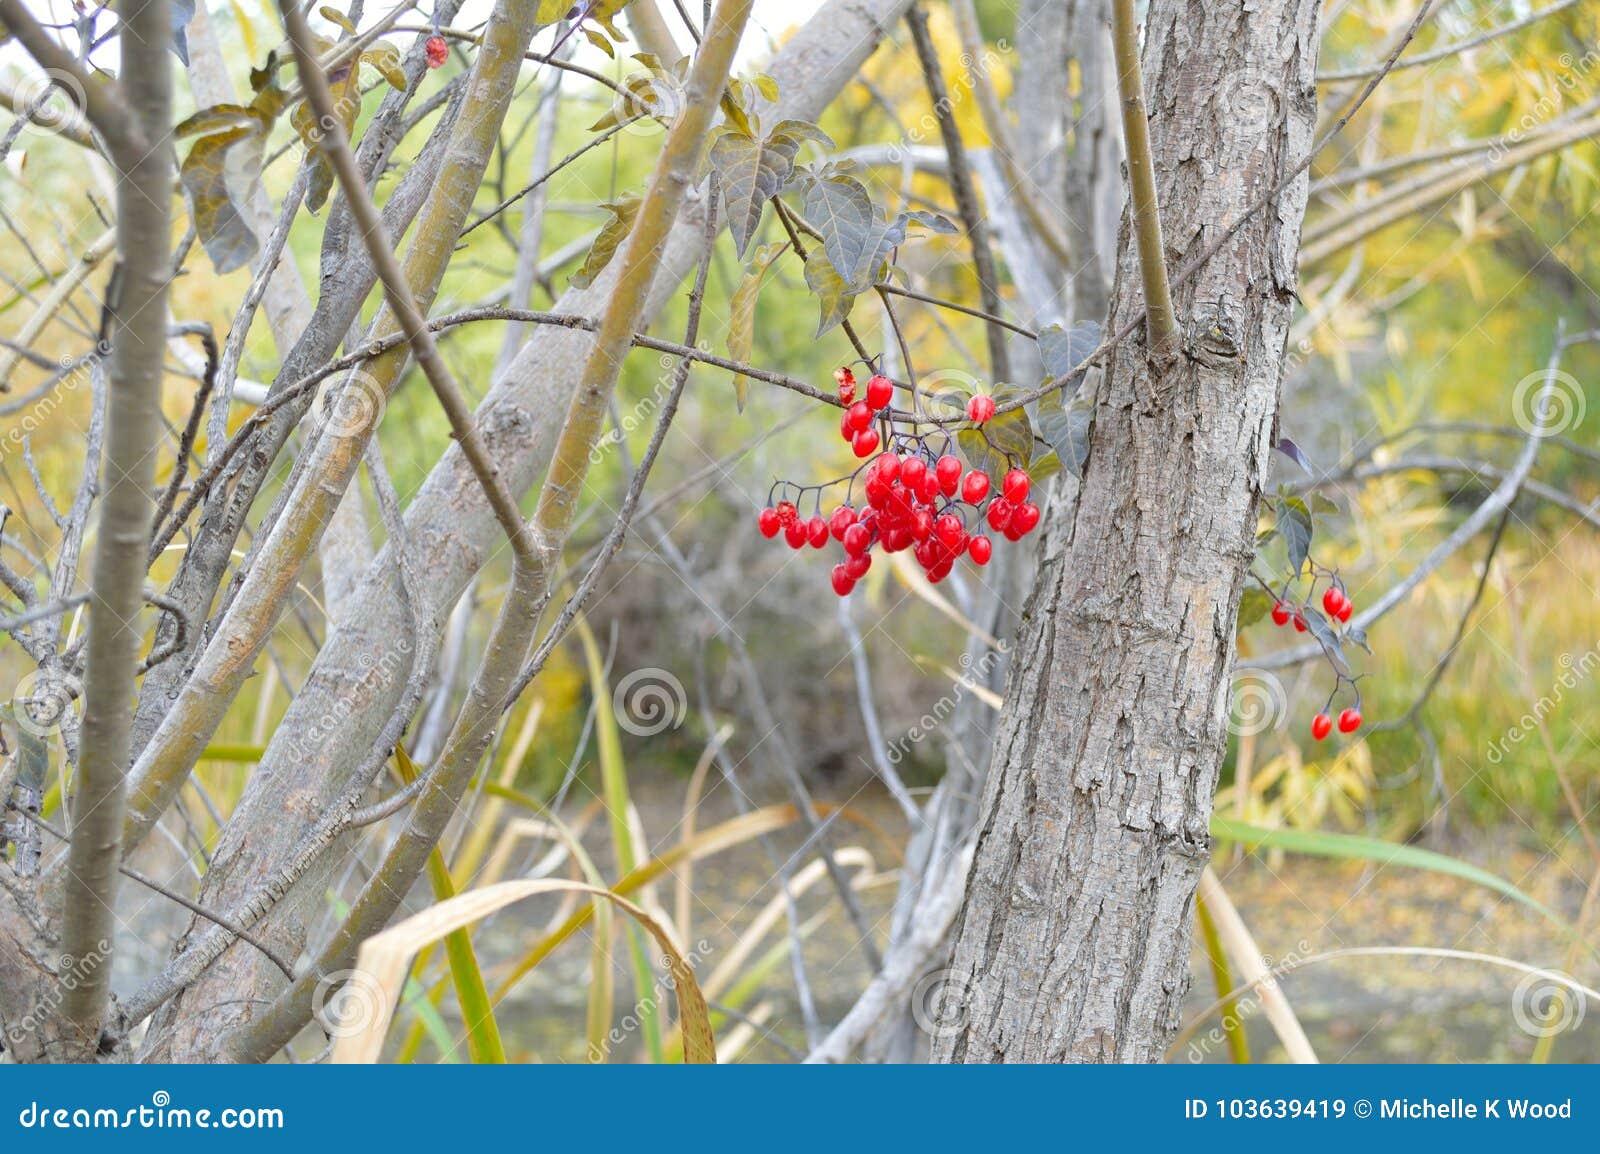 Bittersweet bush red berries